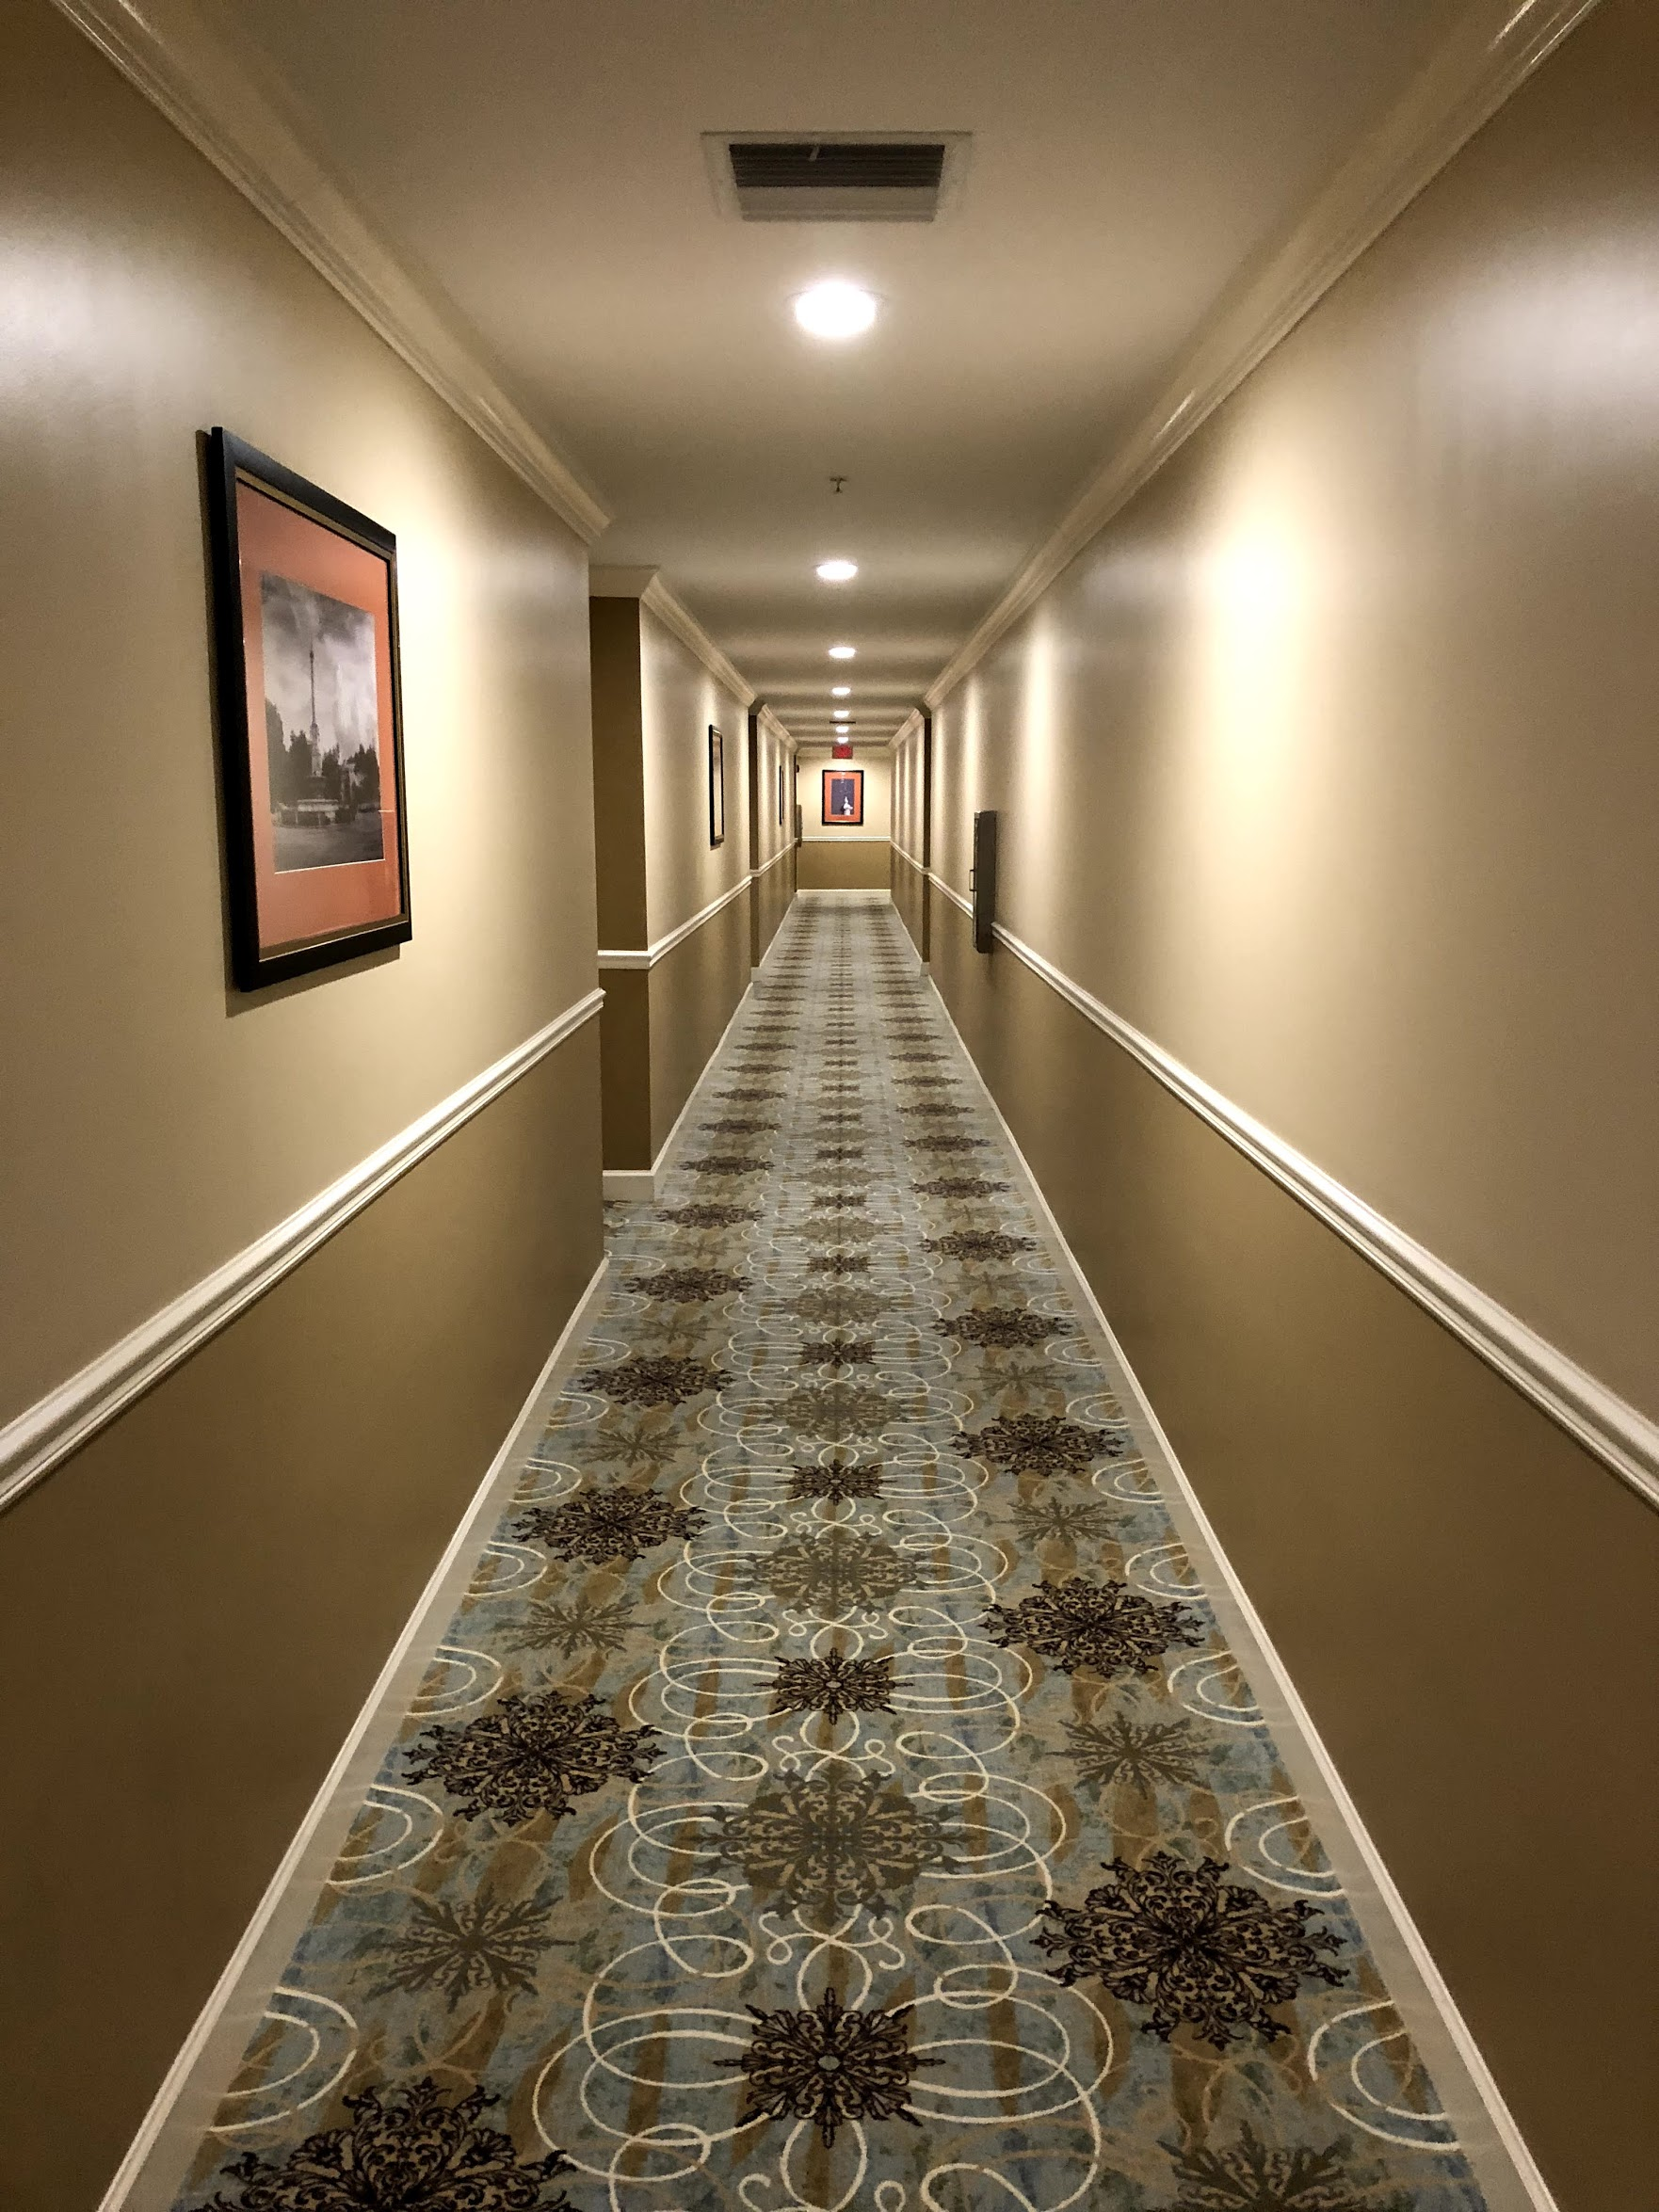 andalusia condos flooring miami